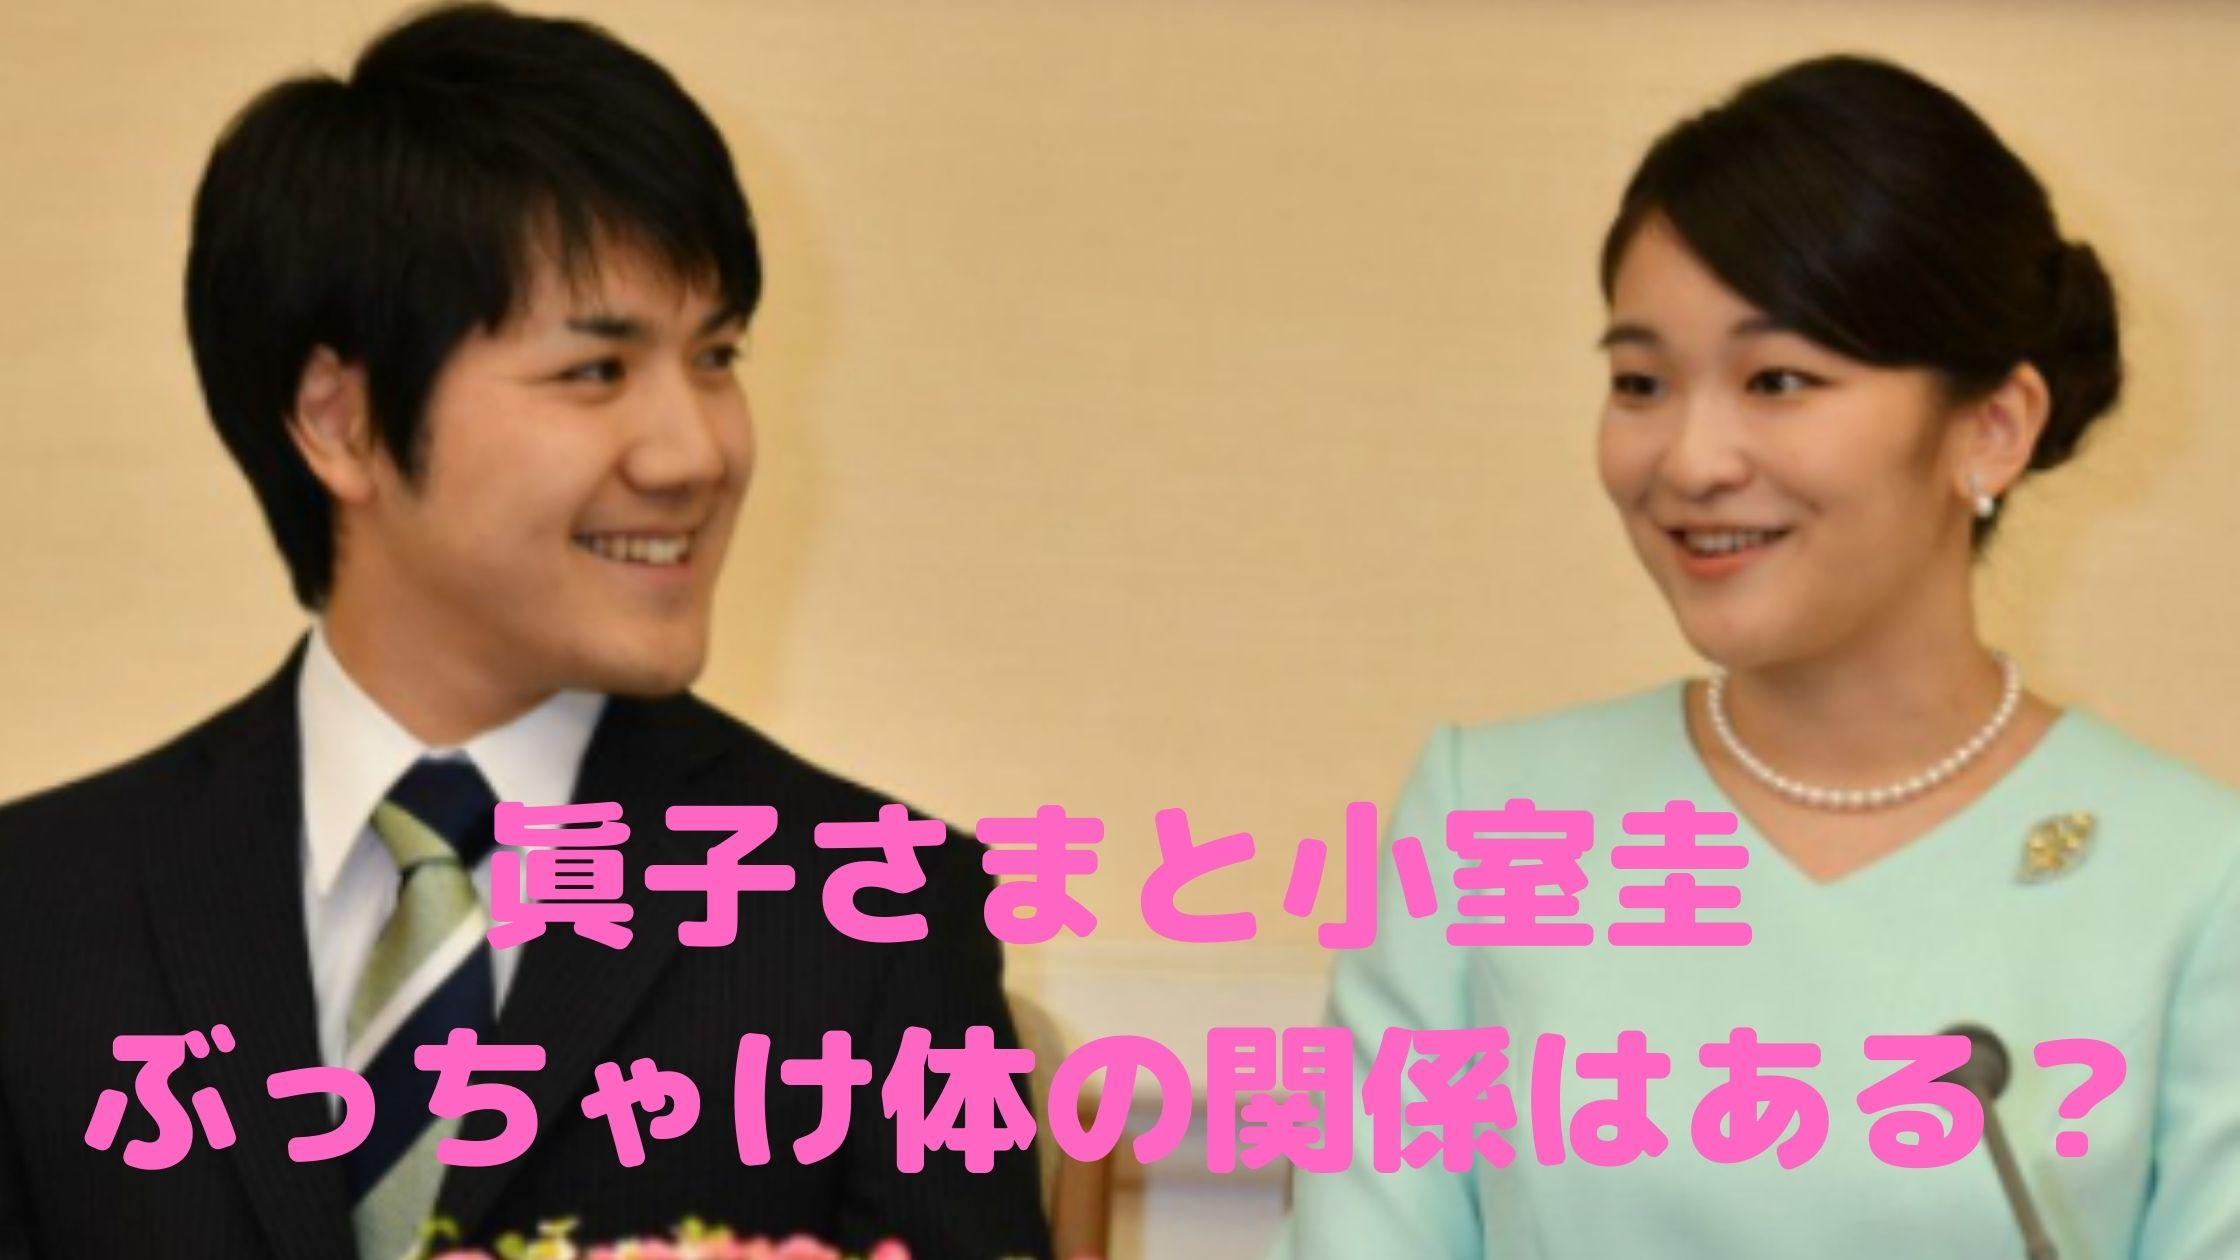 眞子さま 小室圭 体の関係 馴れ初め デート写真 ペアリング プロポーズ